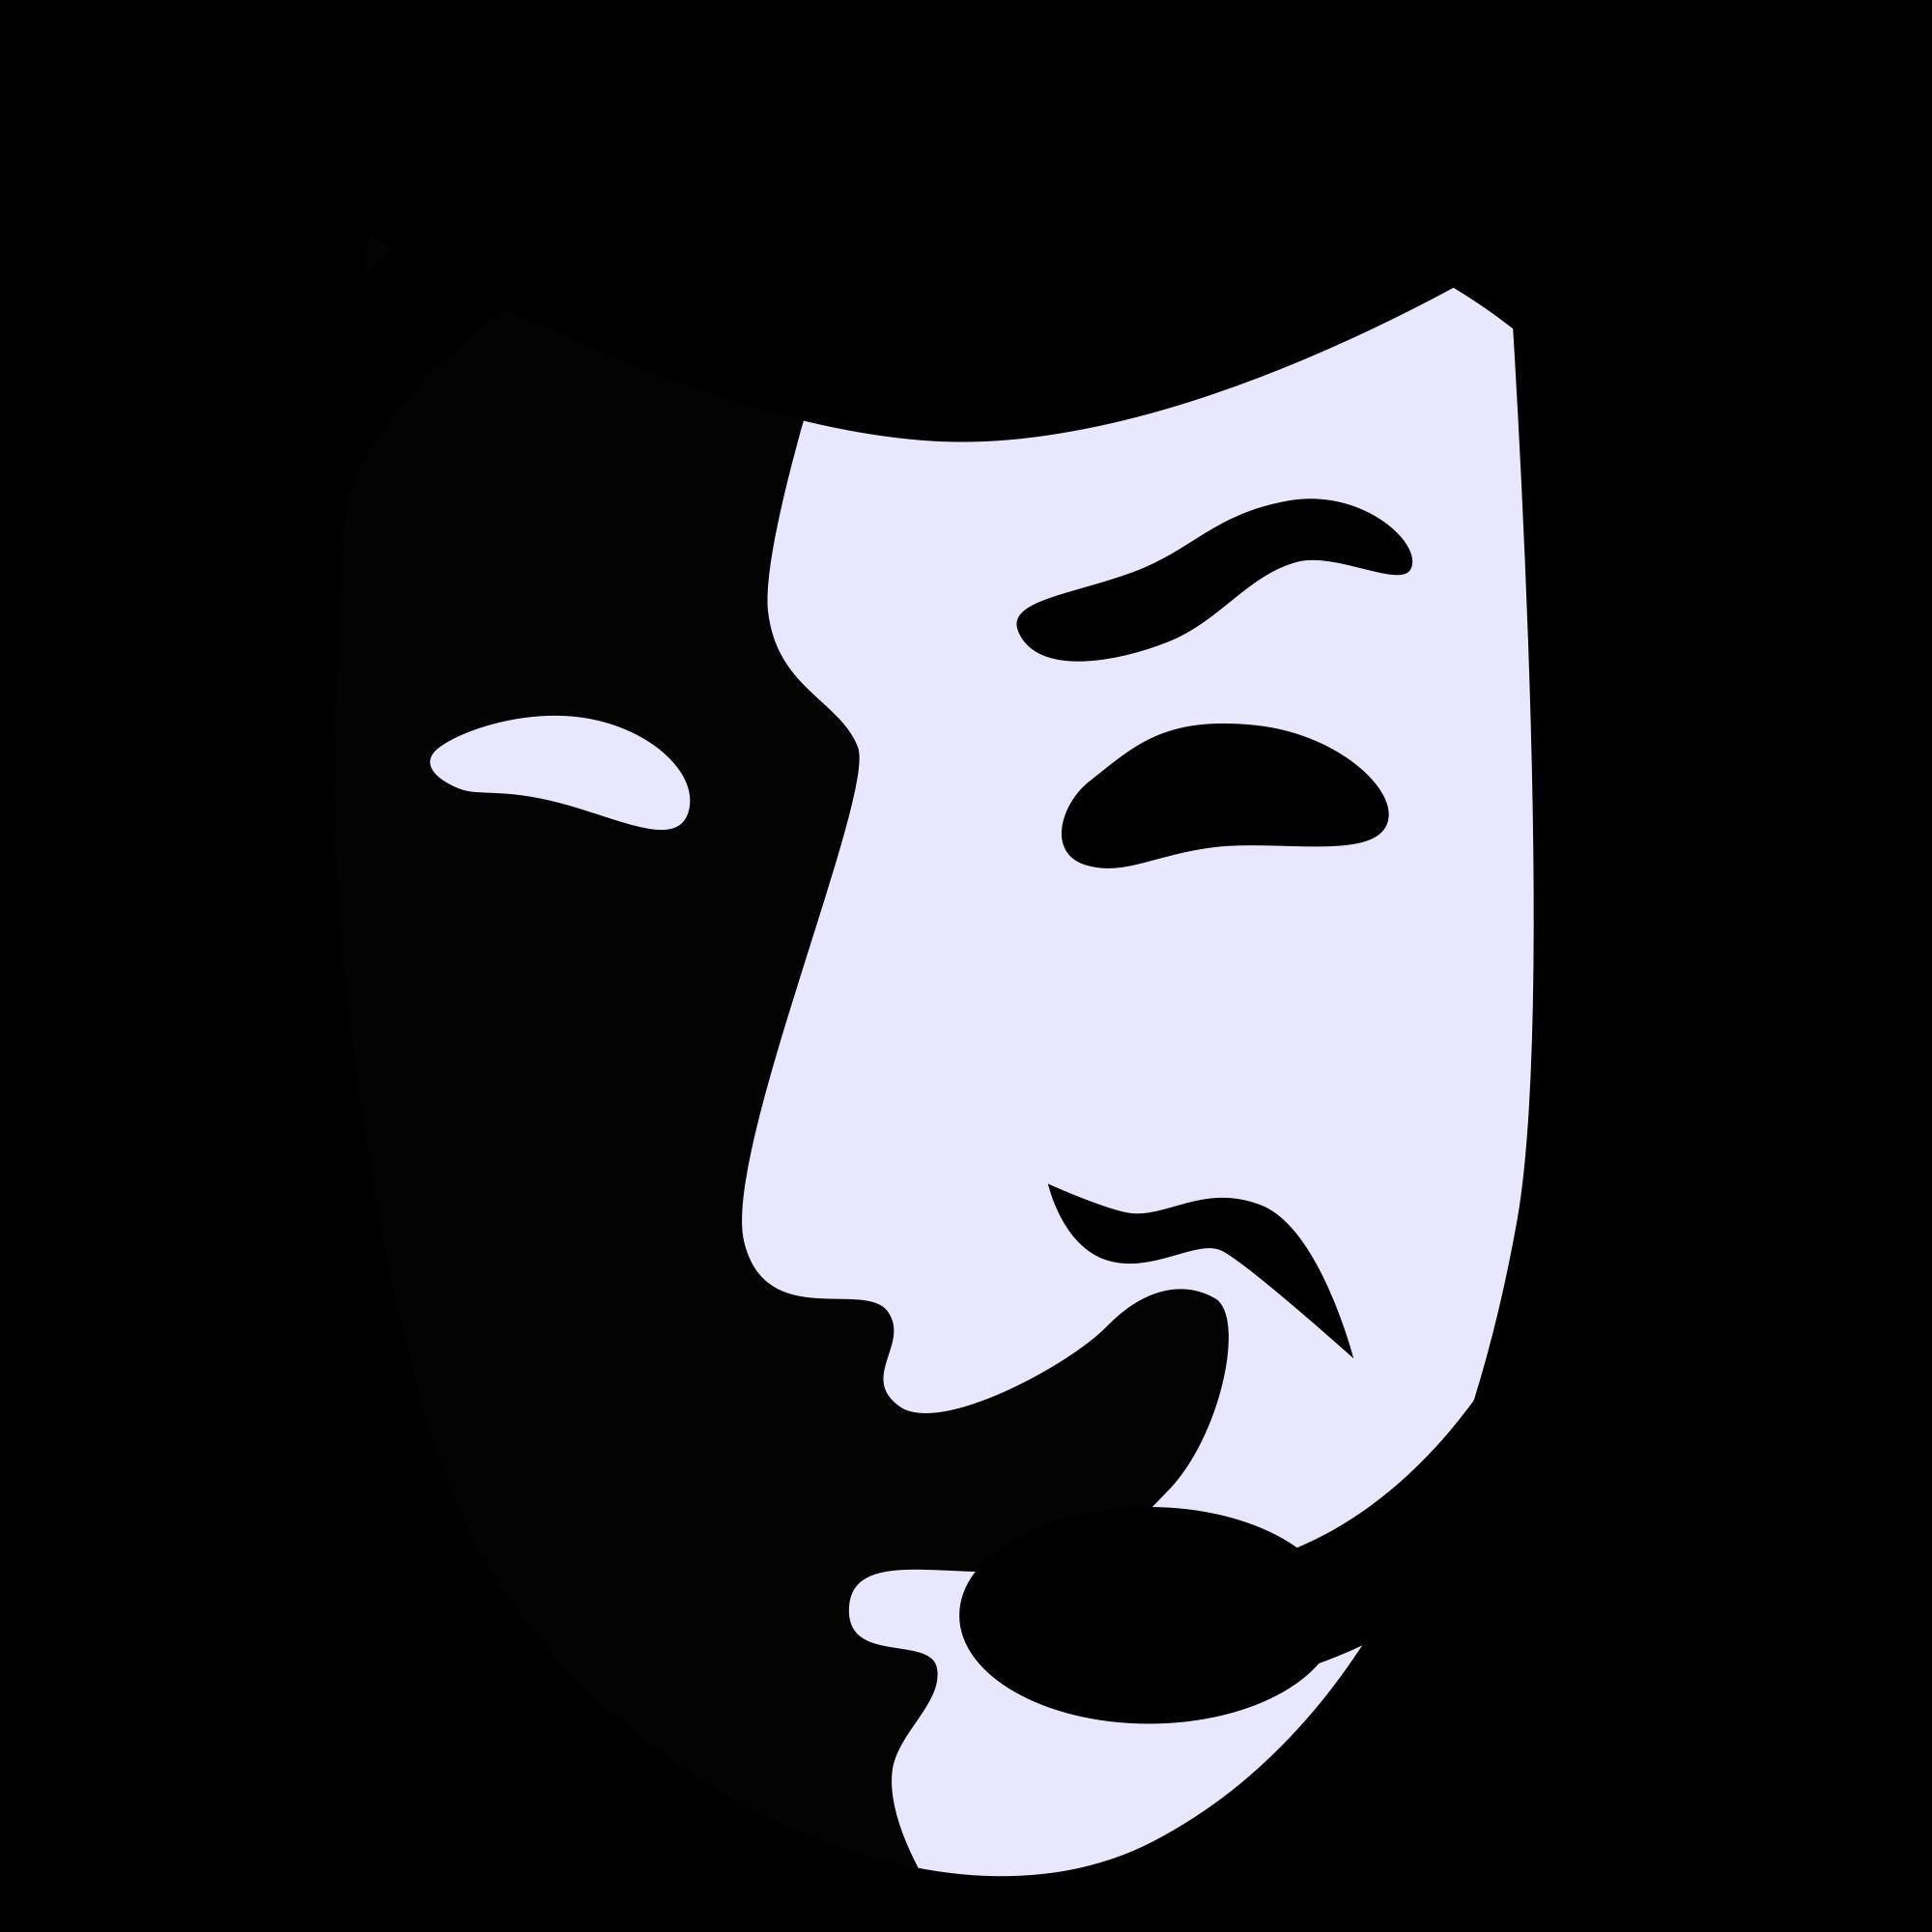 Technology clipart clip art. Theatre faces cliparts shop